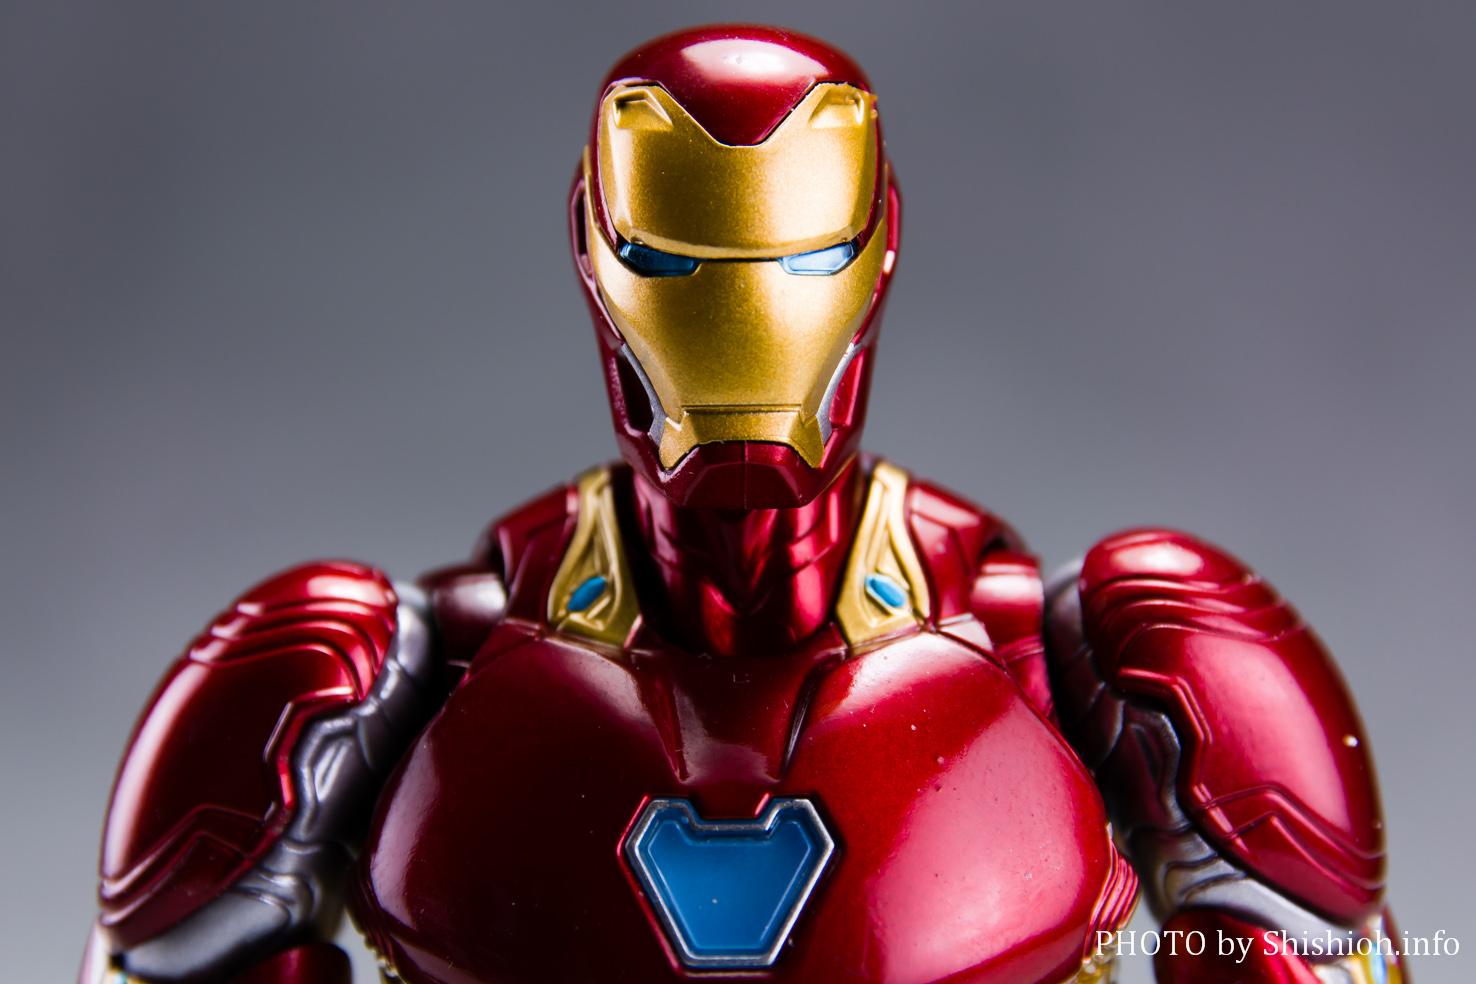 S.H.Figuarts アイアンマン マーク50 (アベンジャーズ/インフィニティ・ウォー)